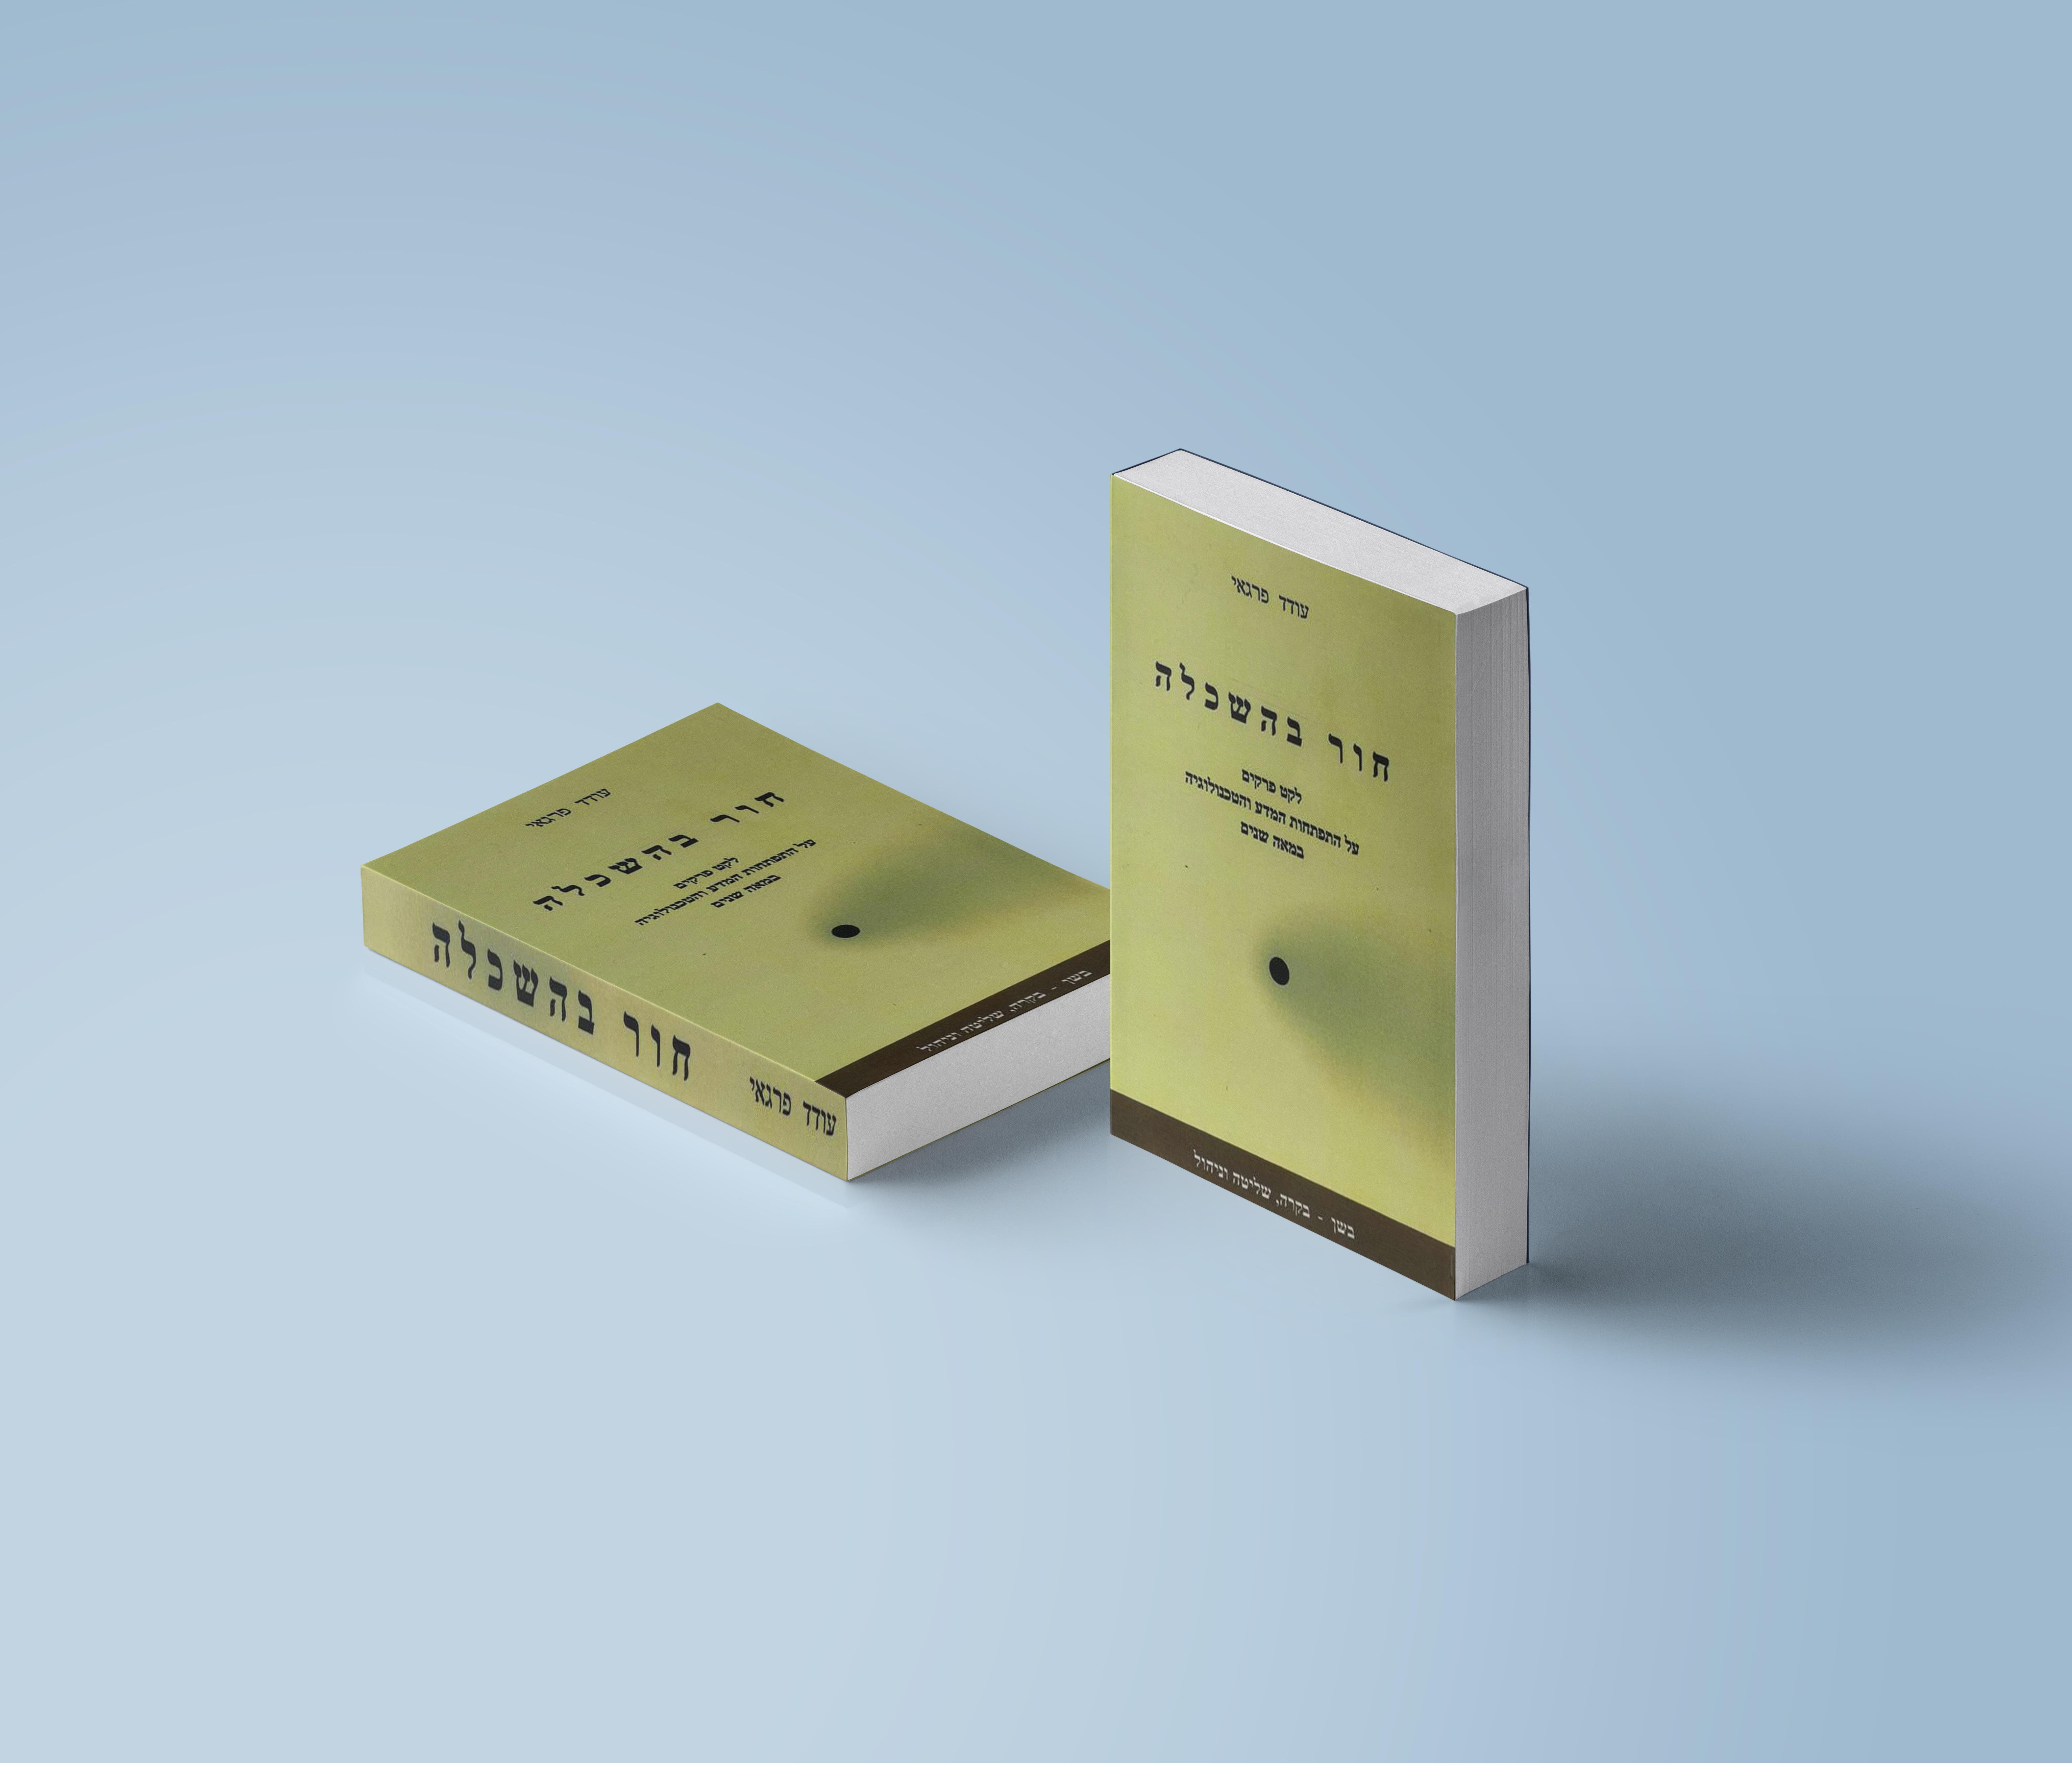 ספר קריאה !חור בהשכלה! מאת עודד פרגאי- הדפסה חיצונ